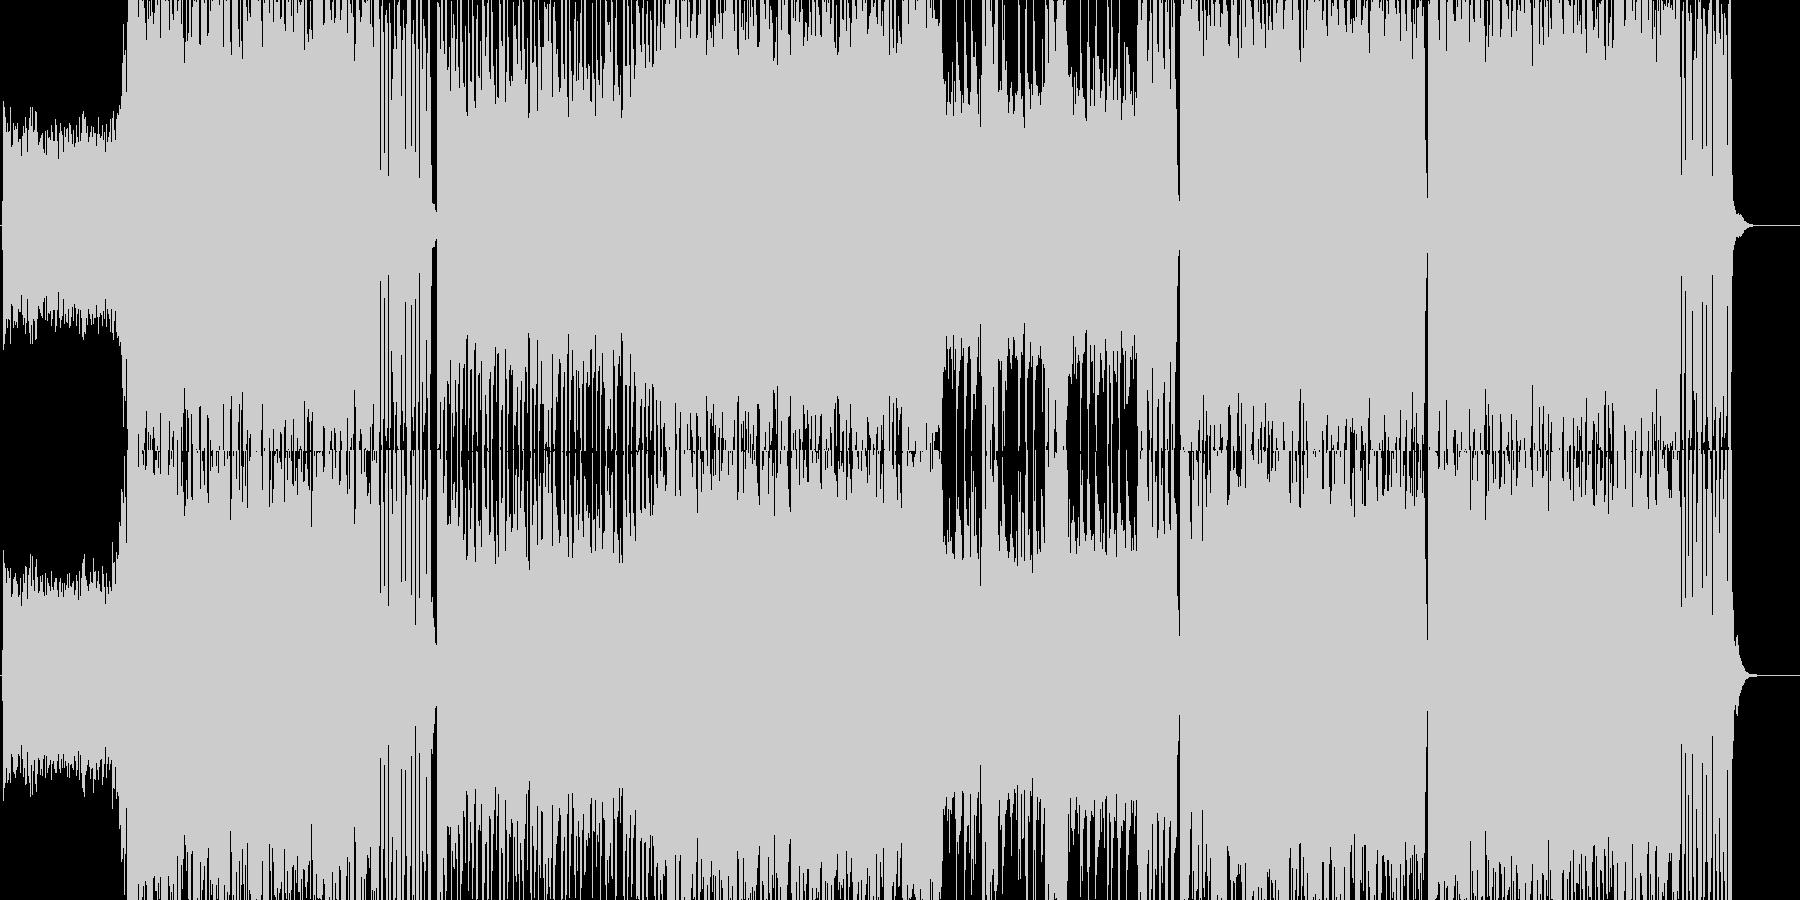 ゲーム用戦闘曲ハードロック4の未再生の波形